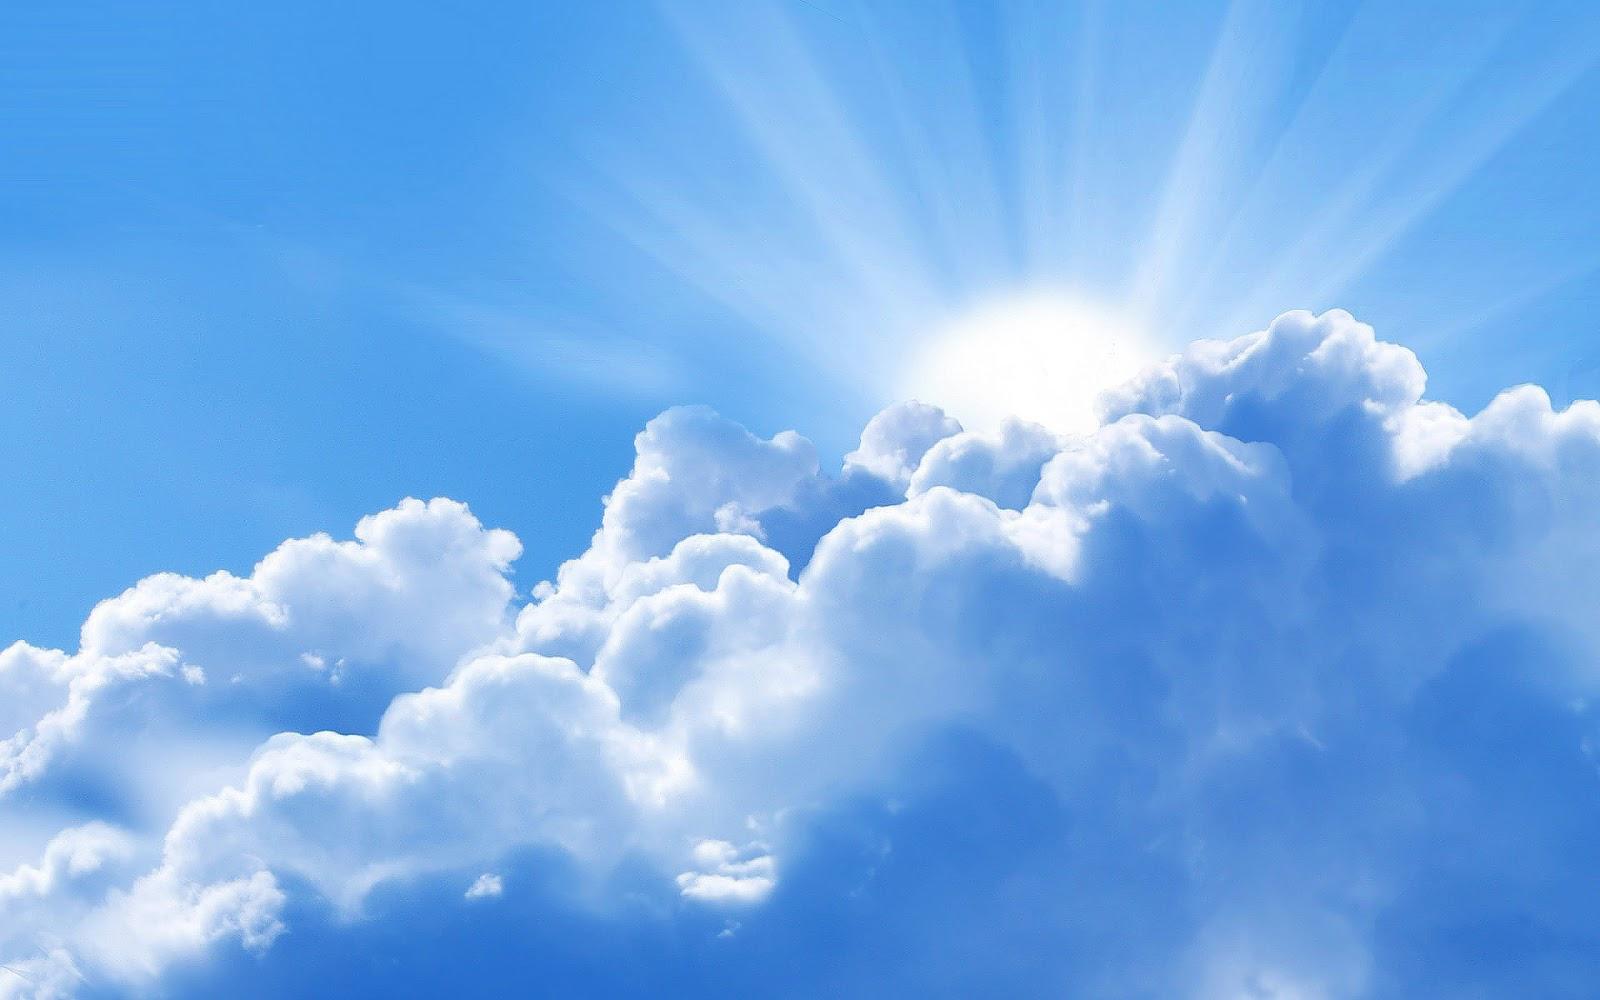 تفسير حلم رؤية السماء في المنام لابن سيرين